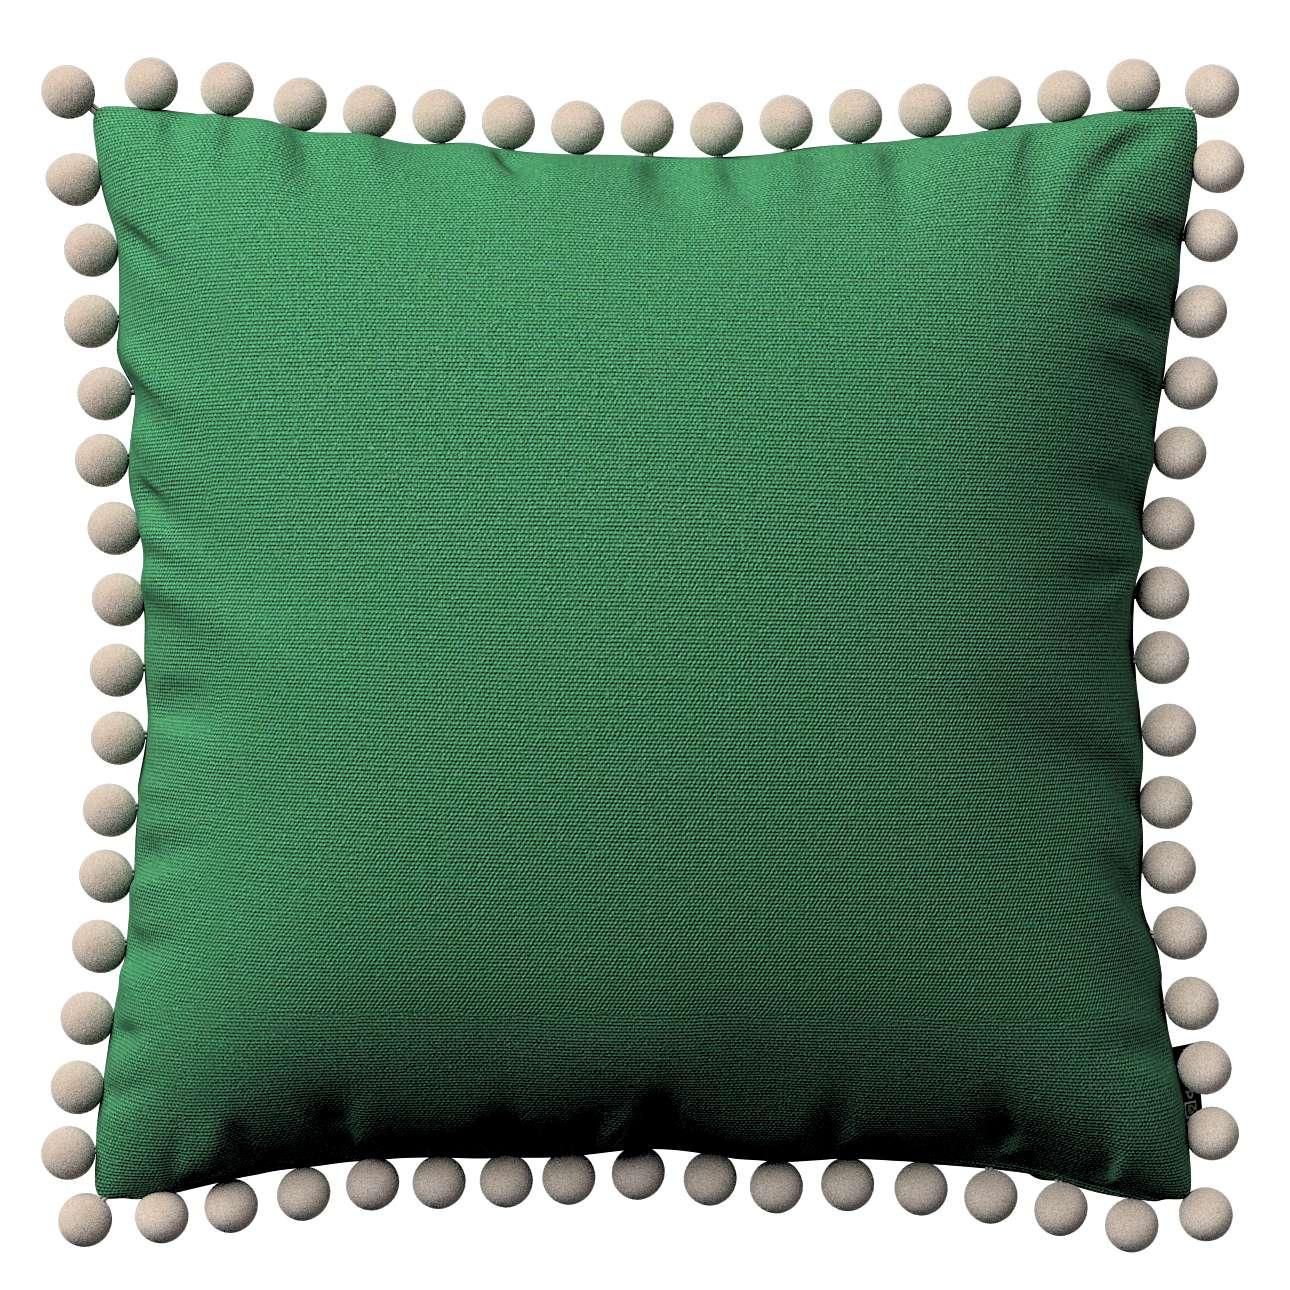 Wera dekoratyvinės pagalvėlės užvalkalas su žaismingais kraštais 45 x 45 cm kolekcijoje Loneta , audinys: 133-18